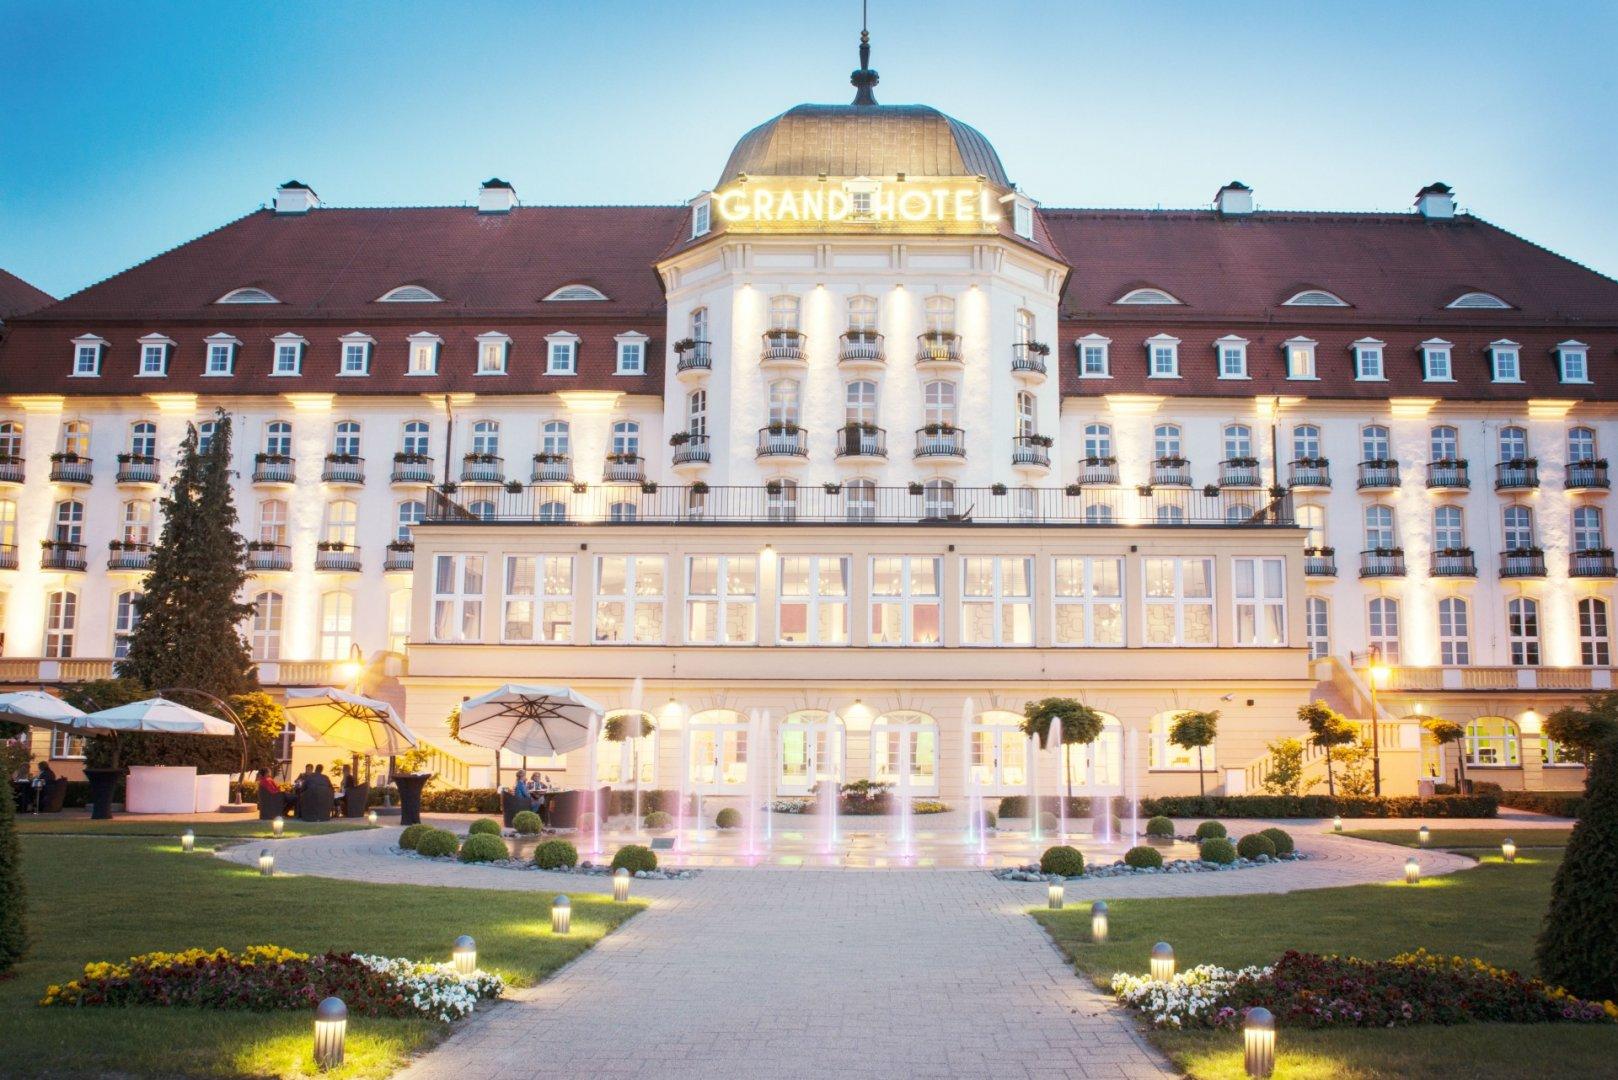 Sofitel Grand Hotel - Sopot